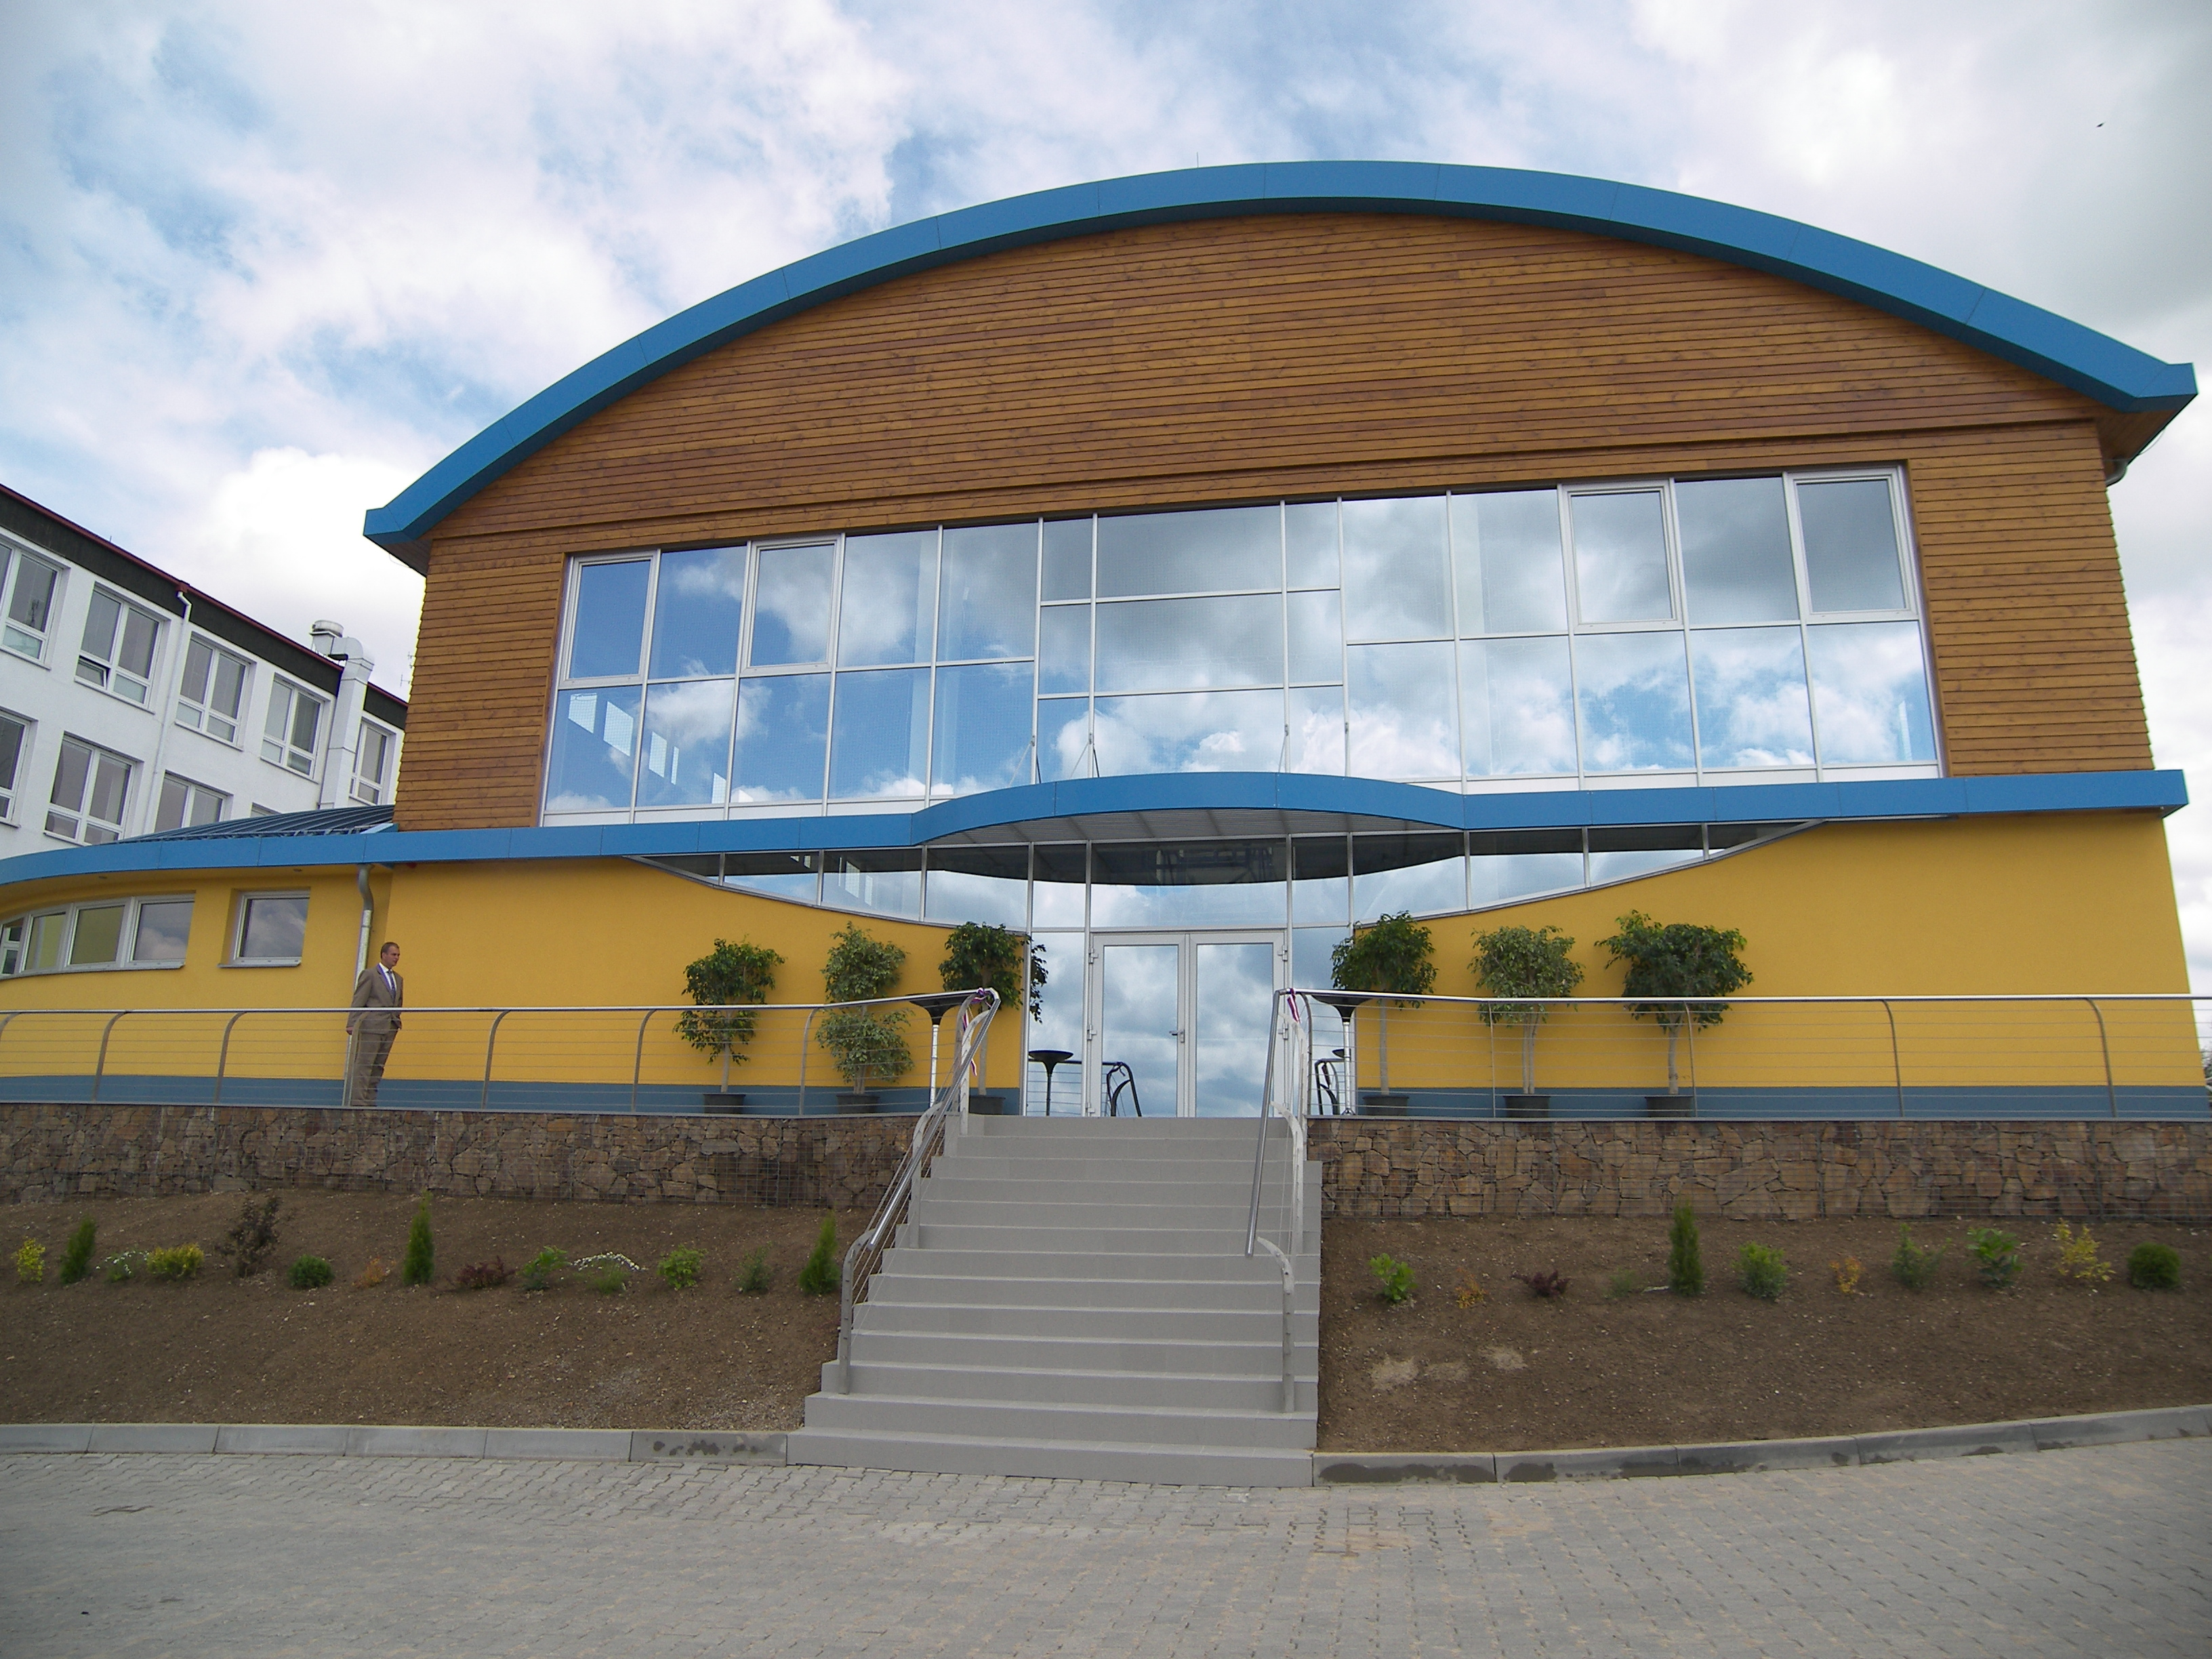 Výsledek obrázku pro osová bítýška kulturní centrum